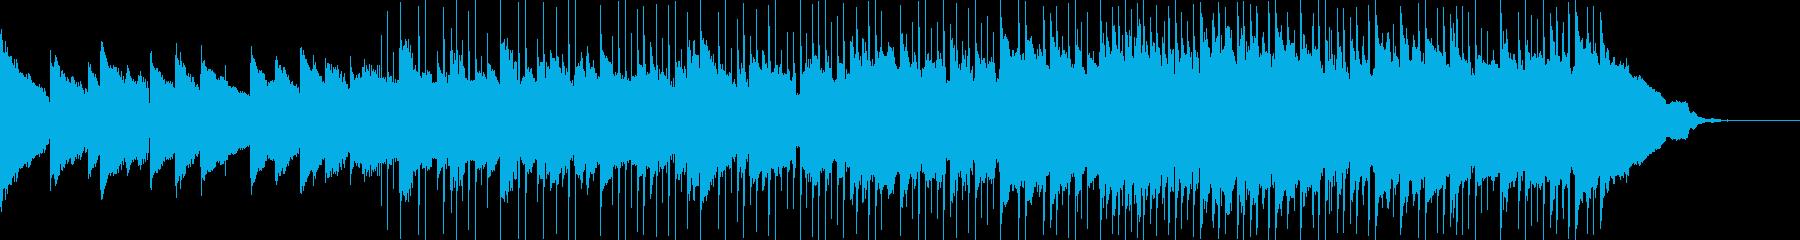 静かに読書に没頭するようなイメージの曲での再生済みの波形